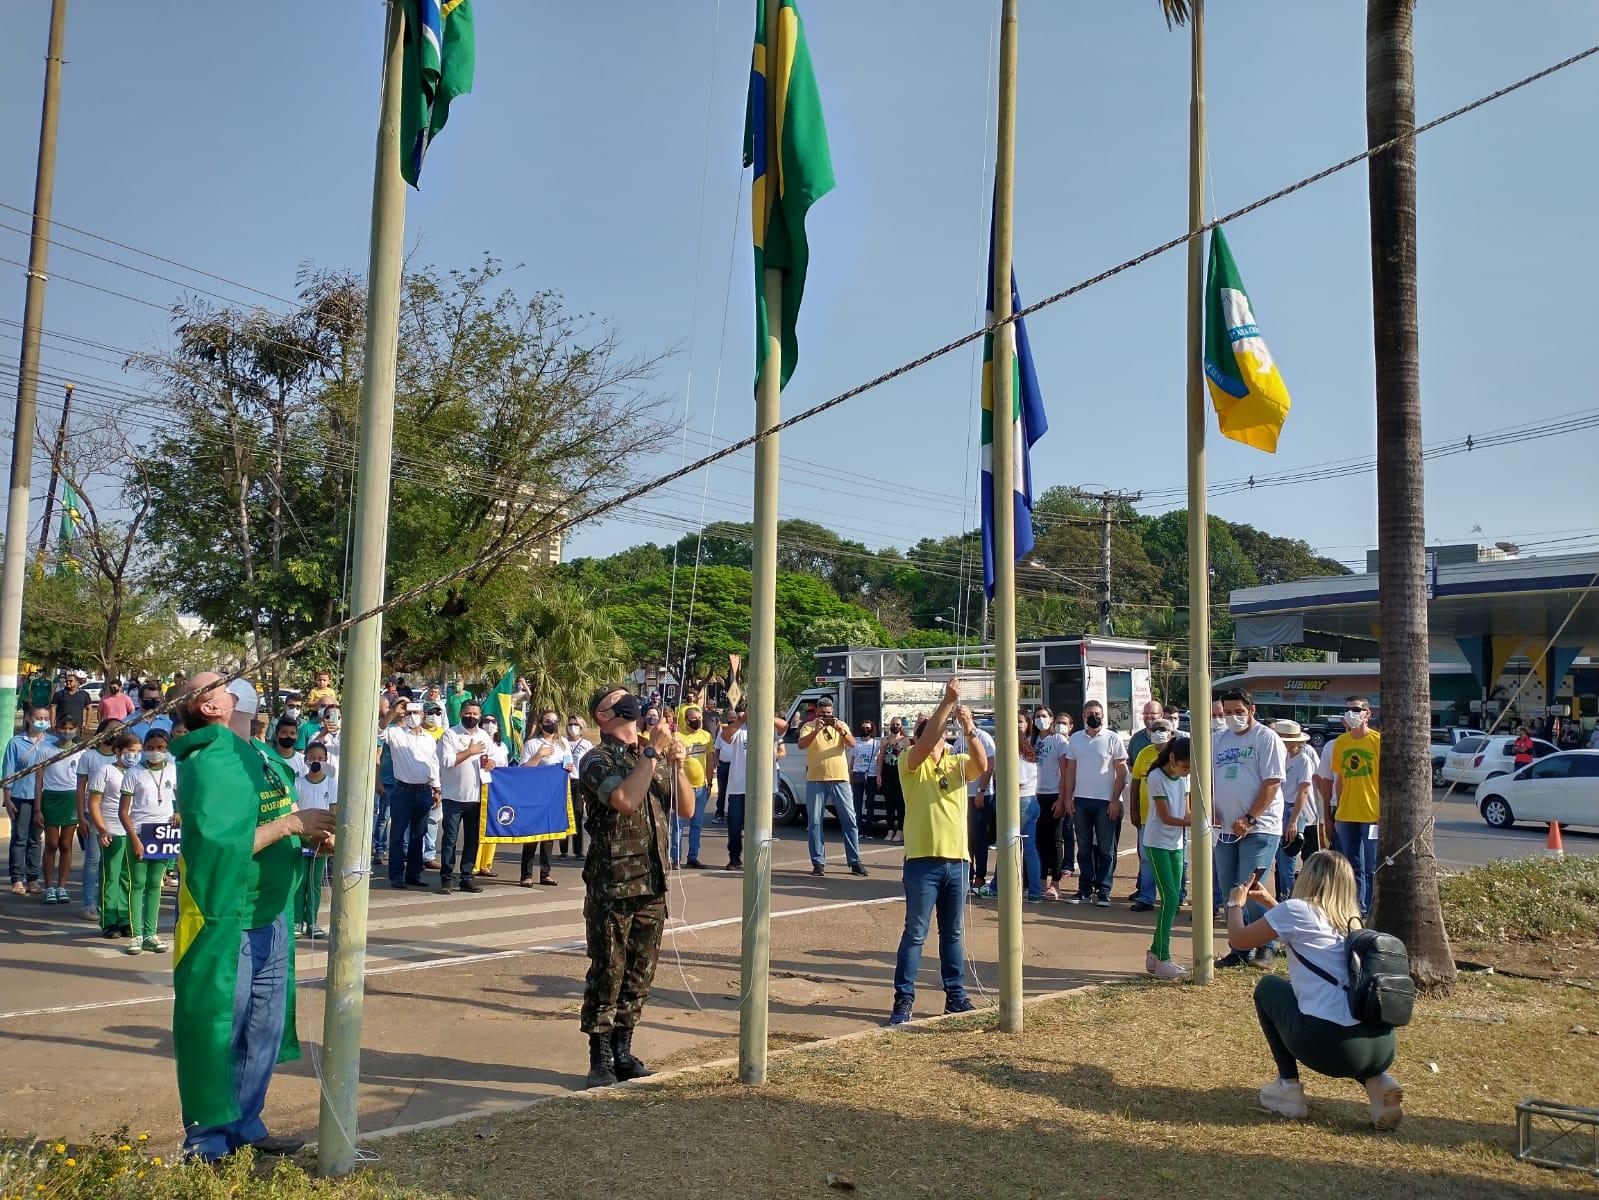 FOTO: Roneir Corrêa/Assessoria